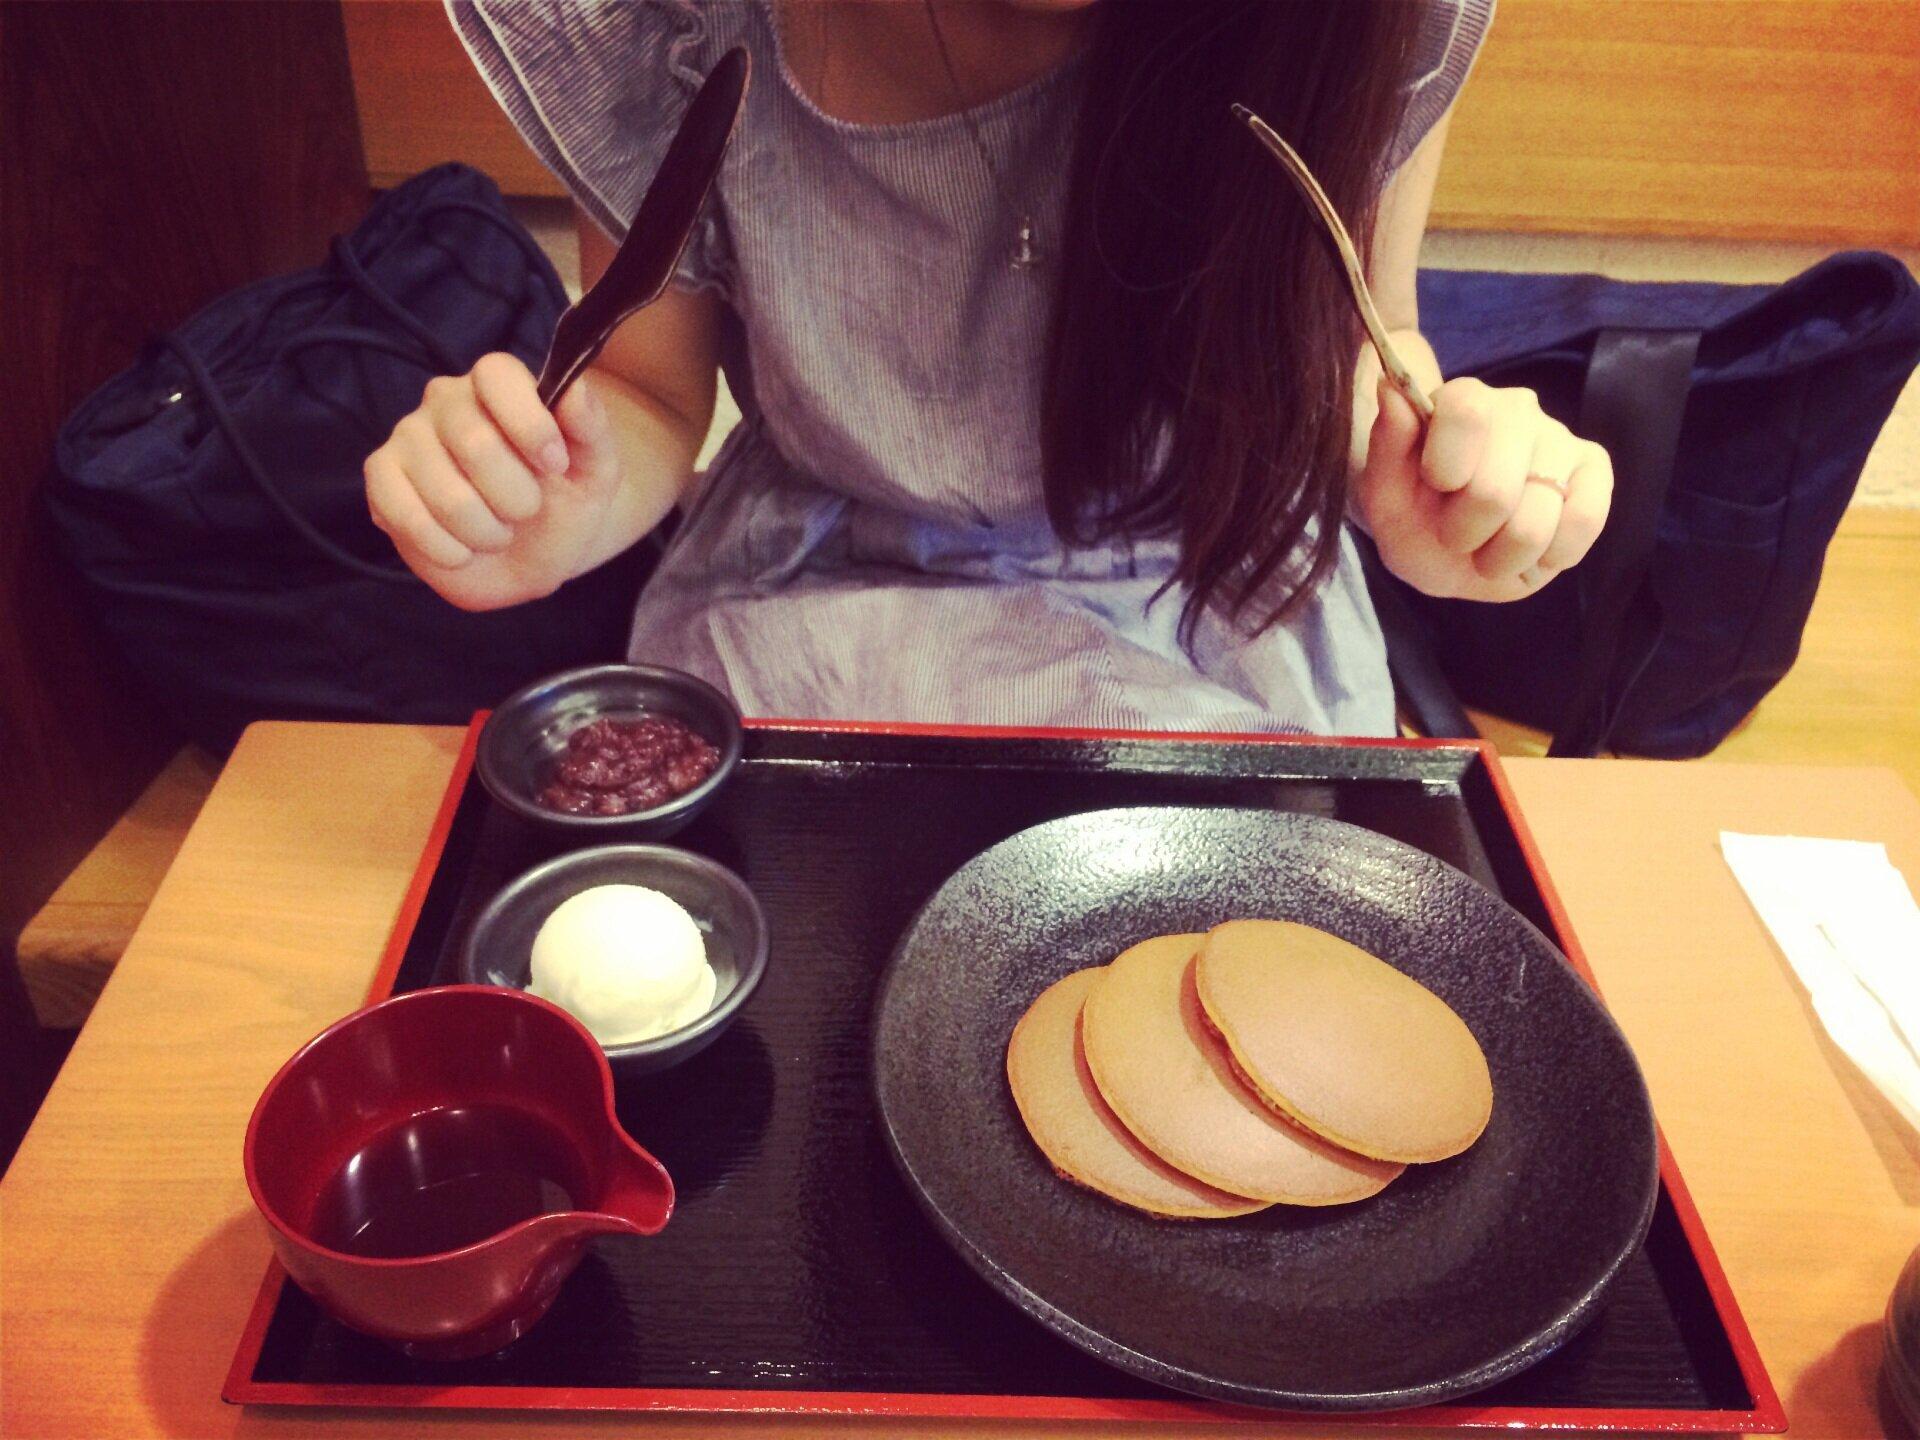 老舗の和菓子屋さん《松崎 煎餅》で和風ホットケーキ!学生さんにもおすすめ!